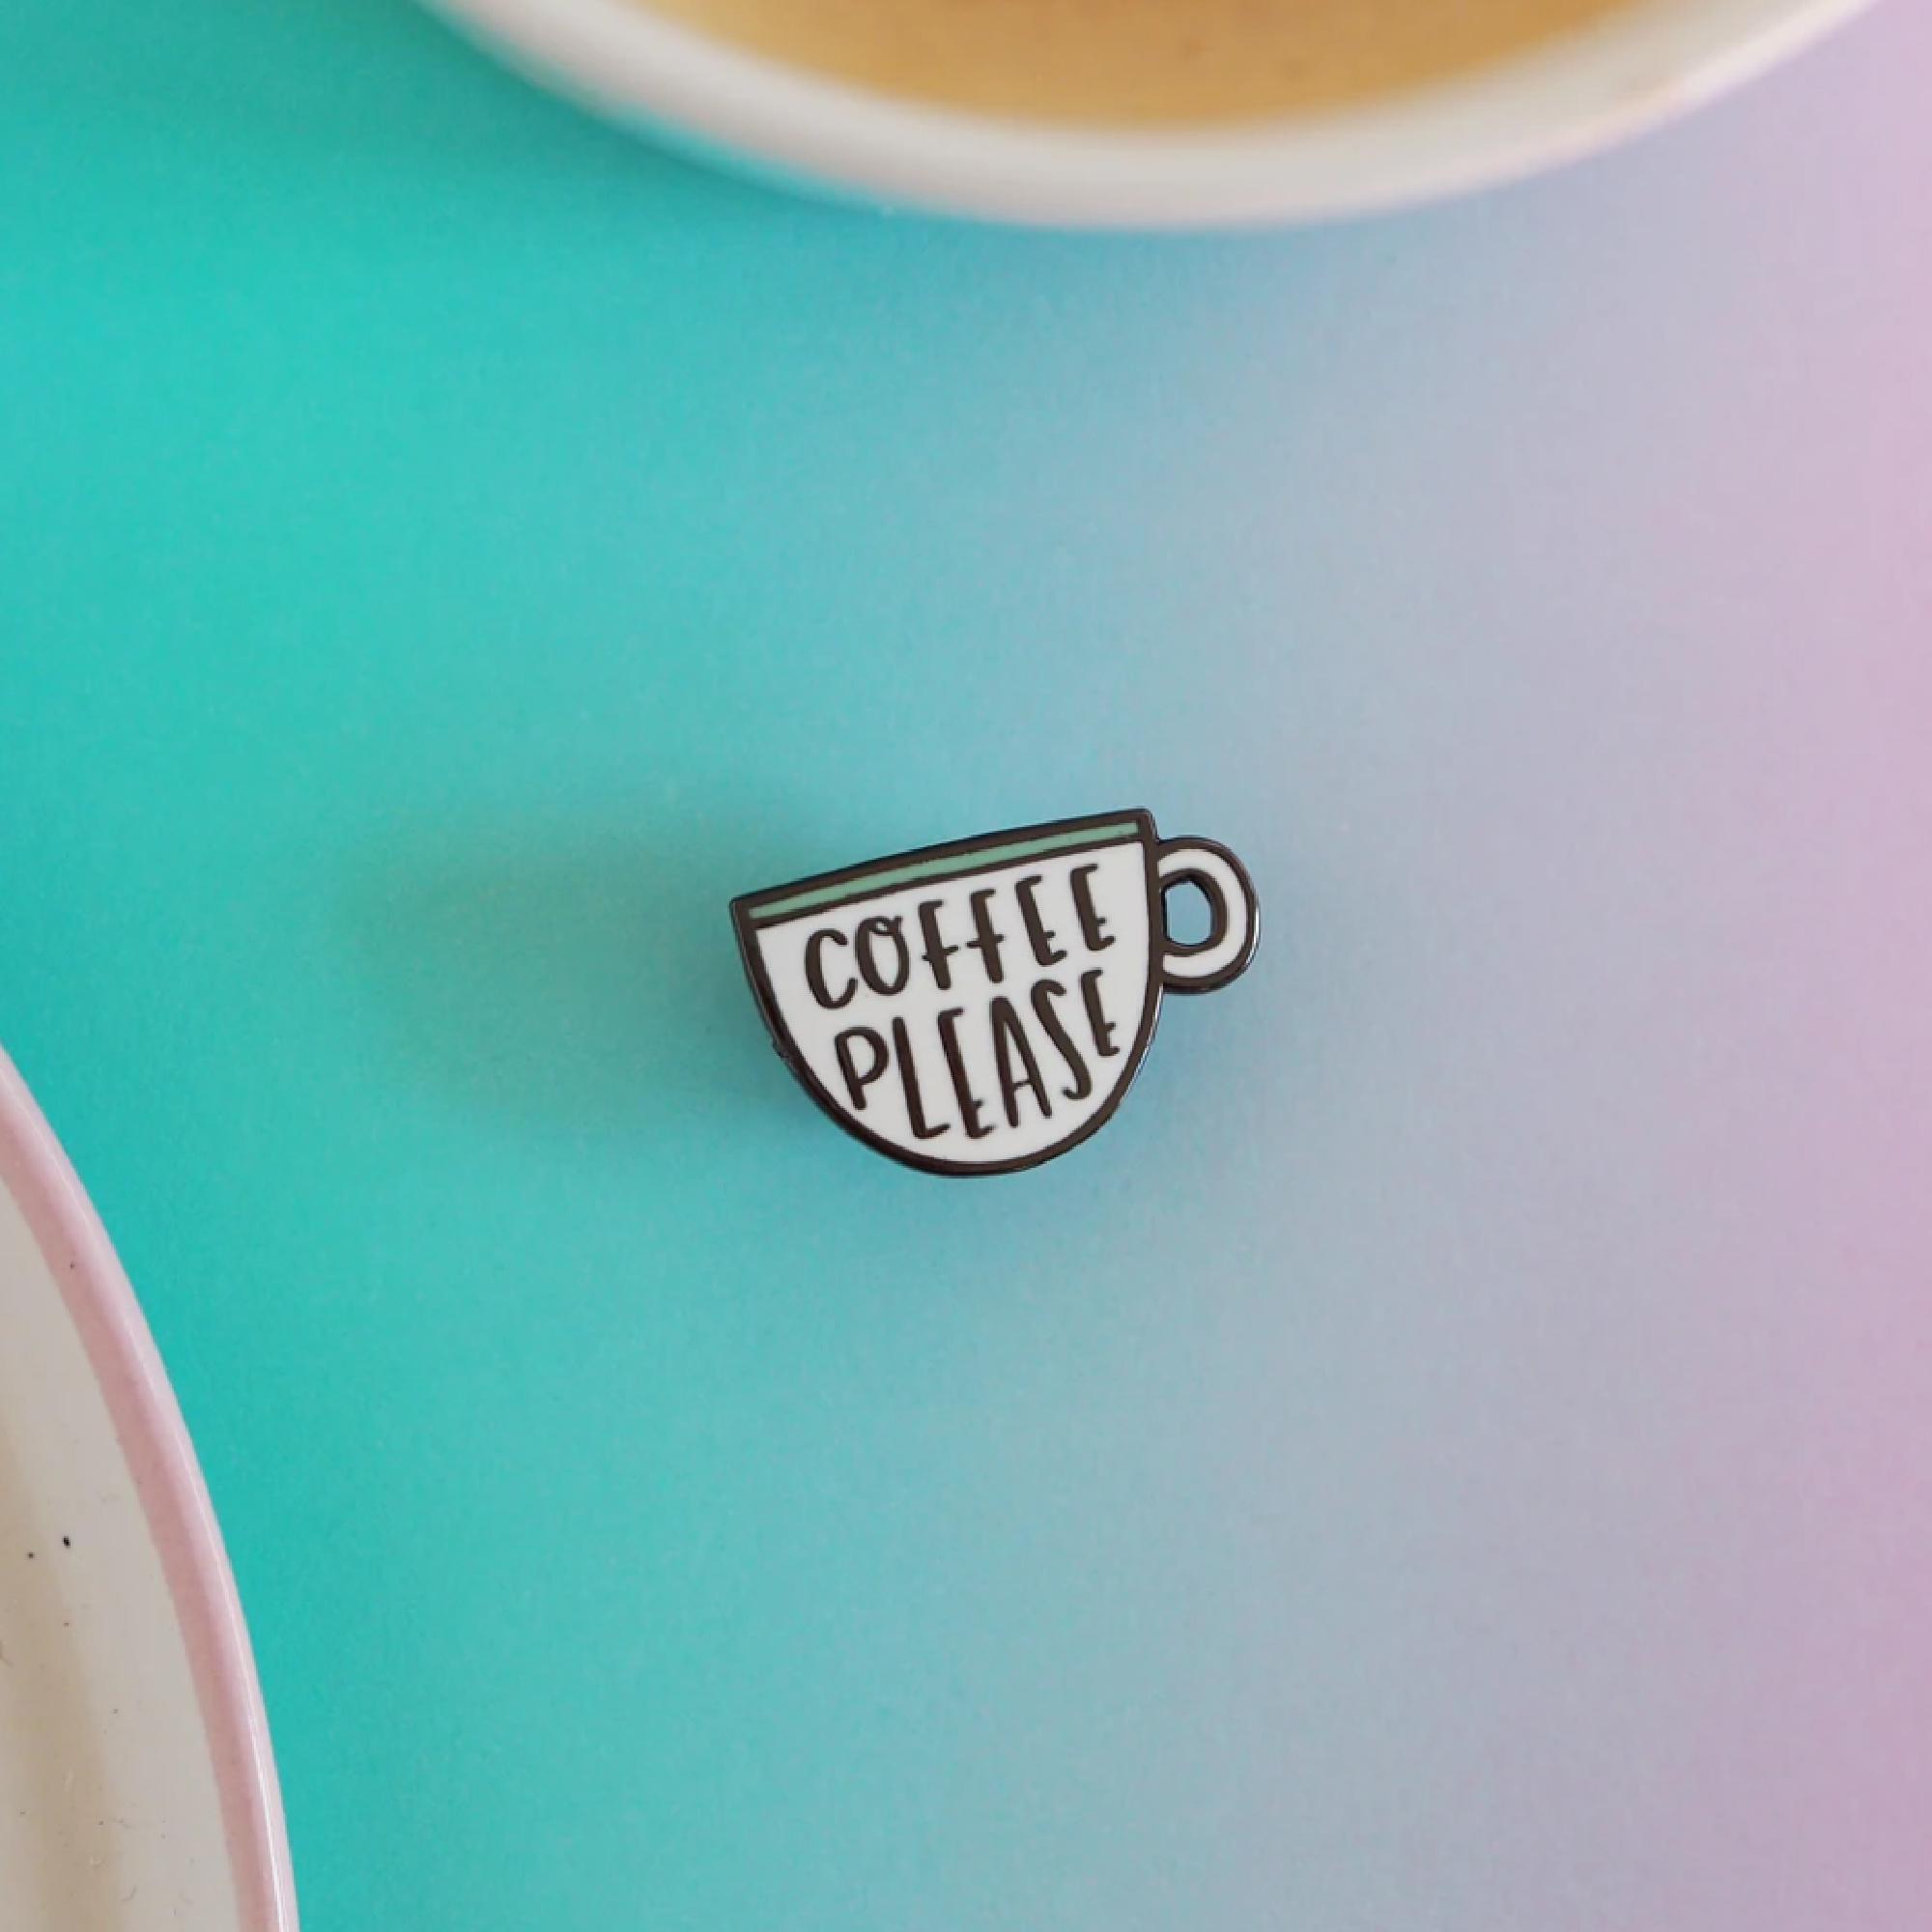 Coffee Please Enamel Pin